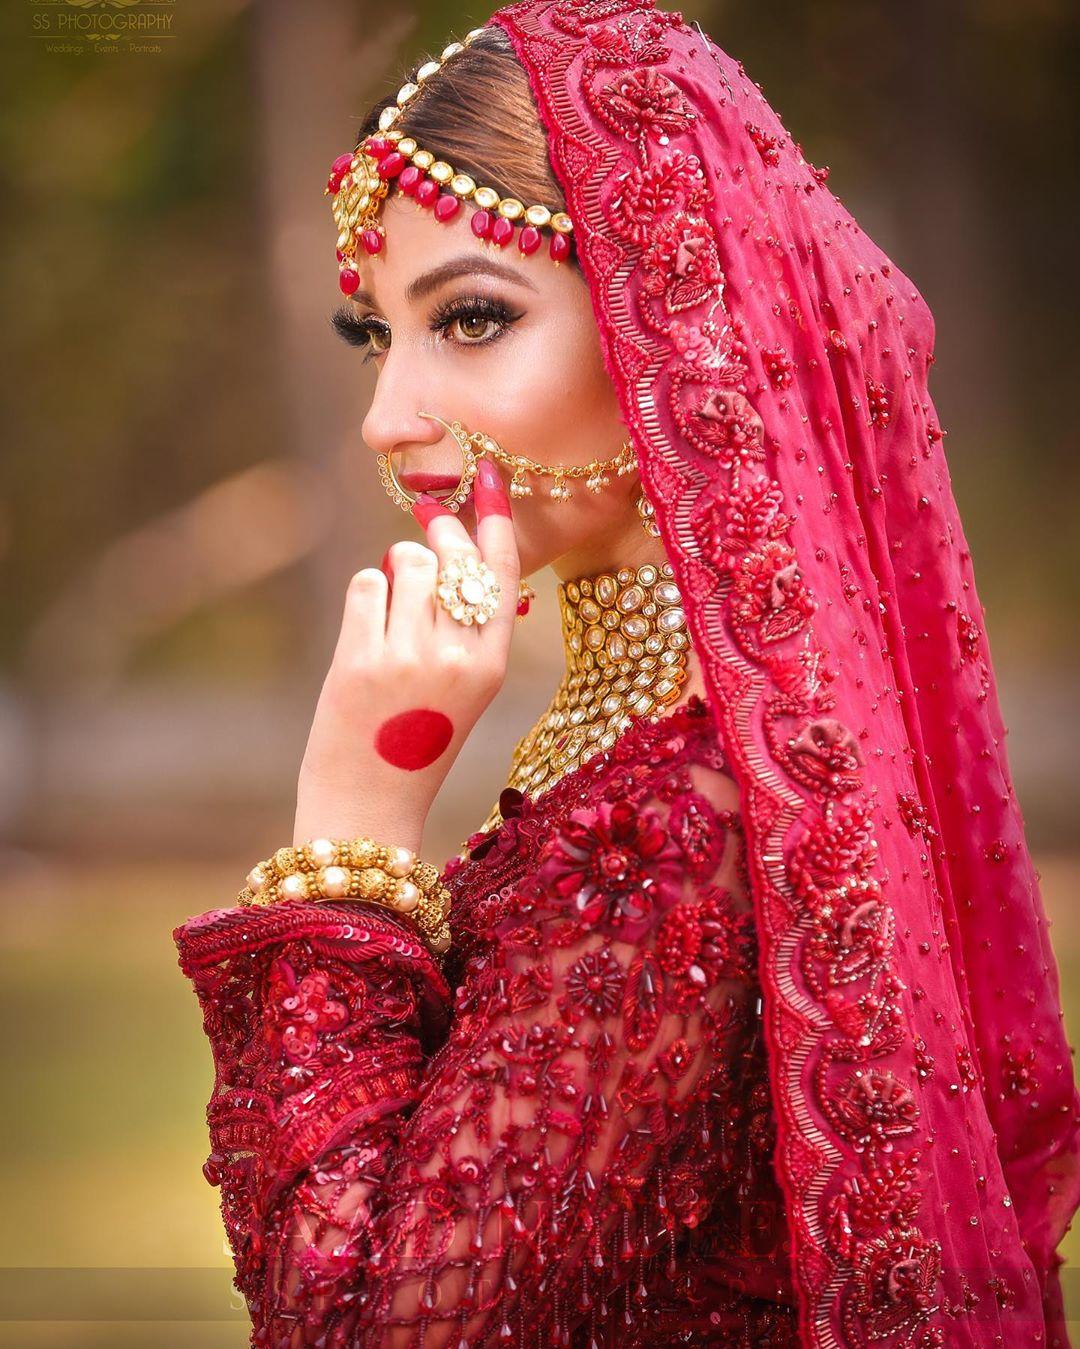 Bridal Photo Shoot of Gorgeous Kinza Hashmi